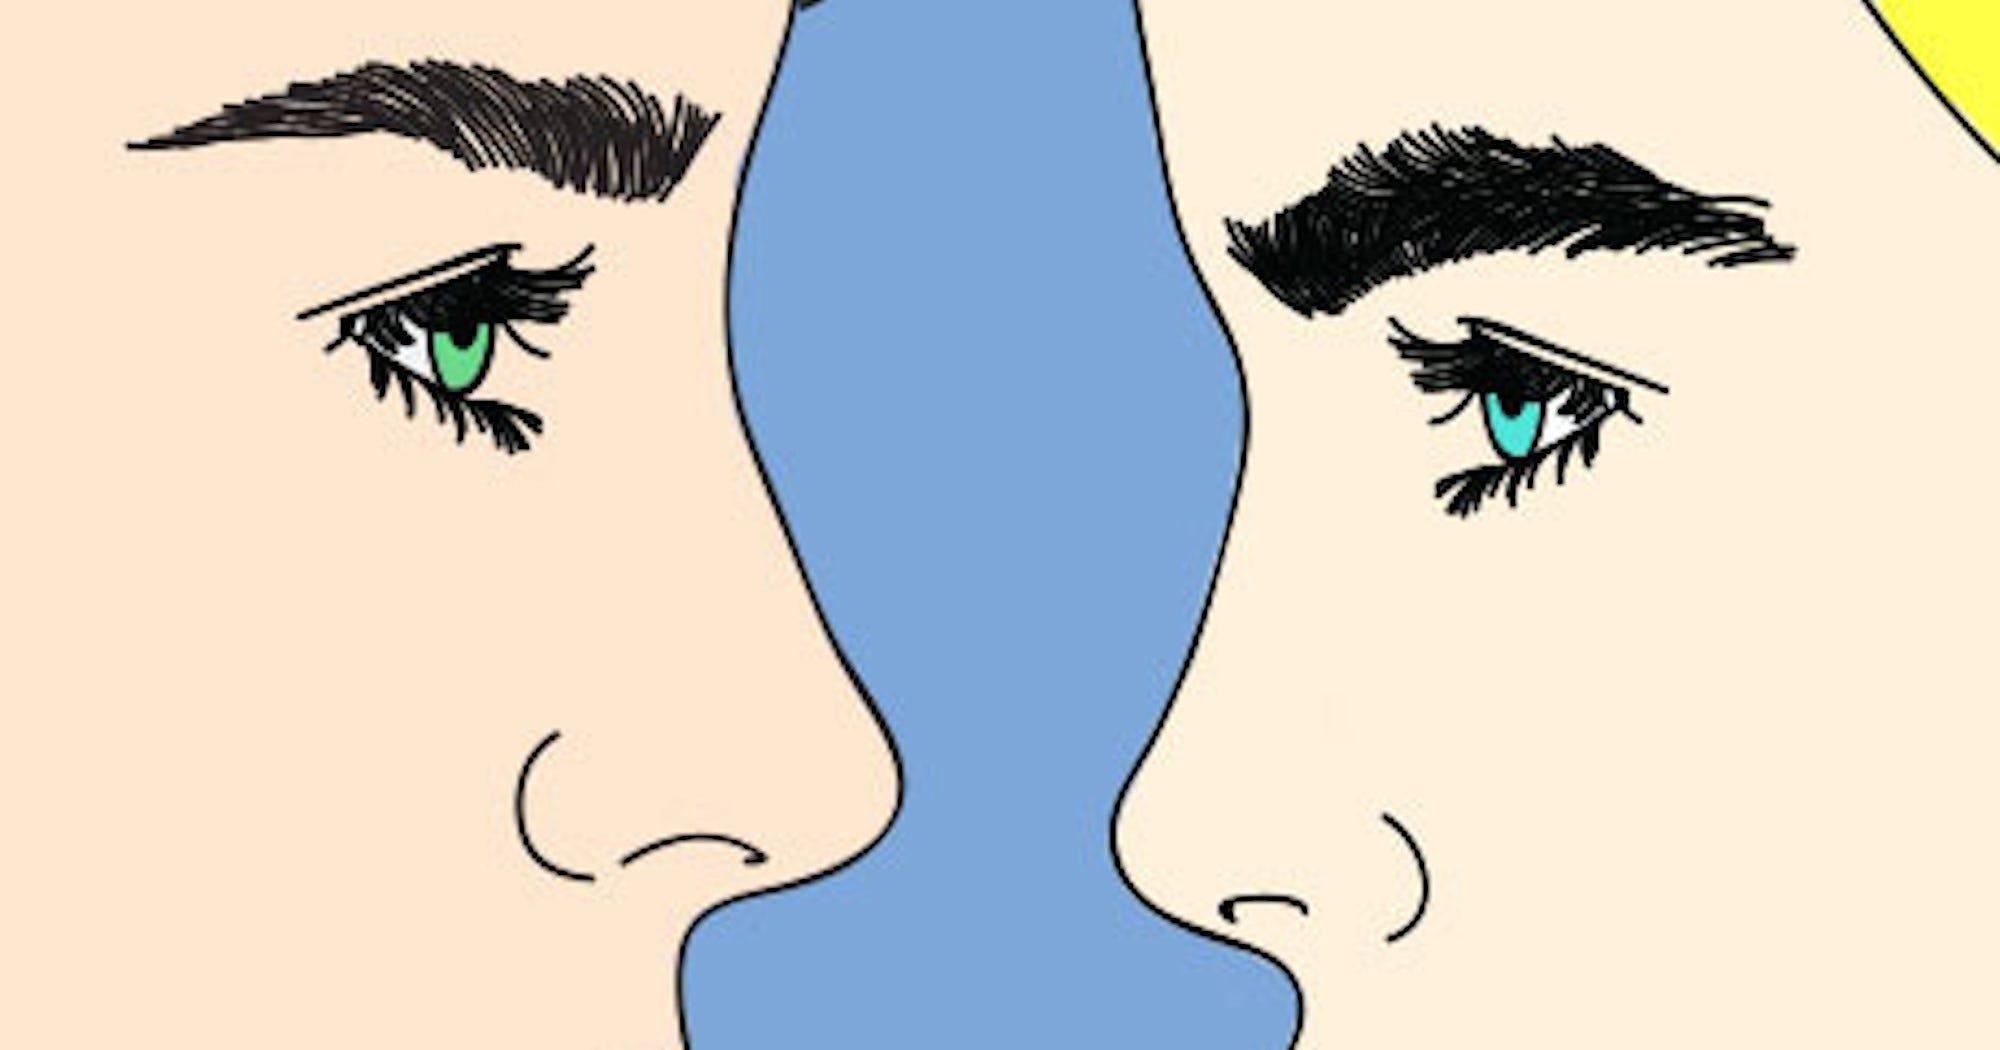 Fremdgehen: 2 Geschichten, die deine Sicht verändern